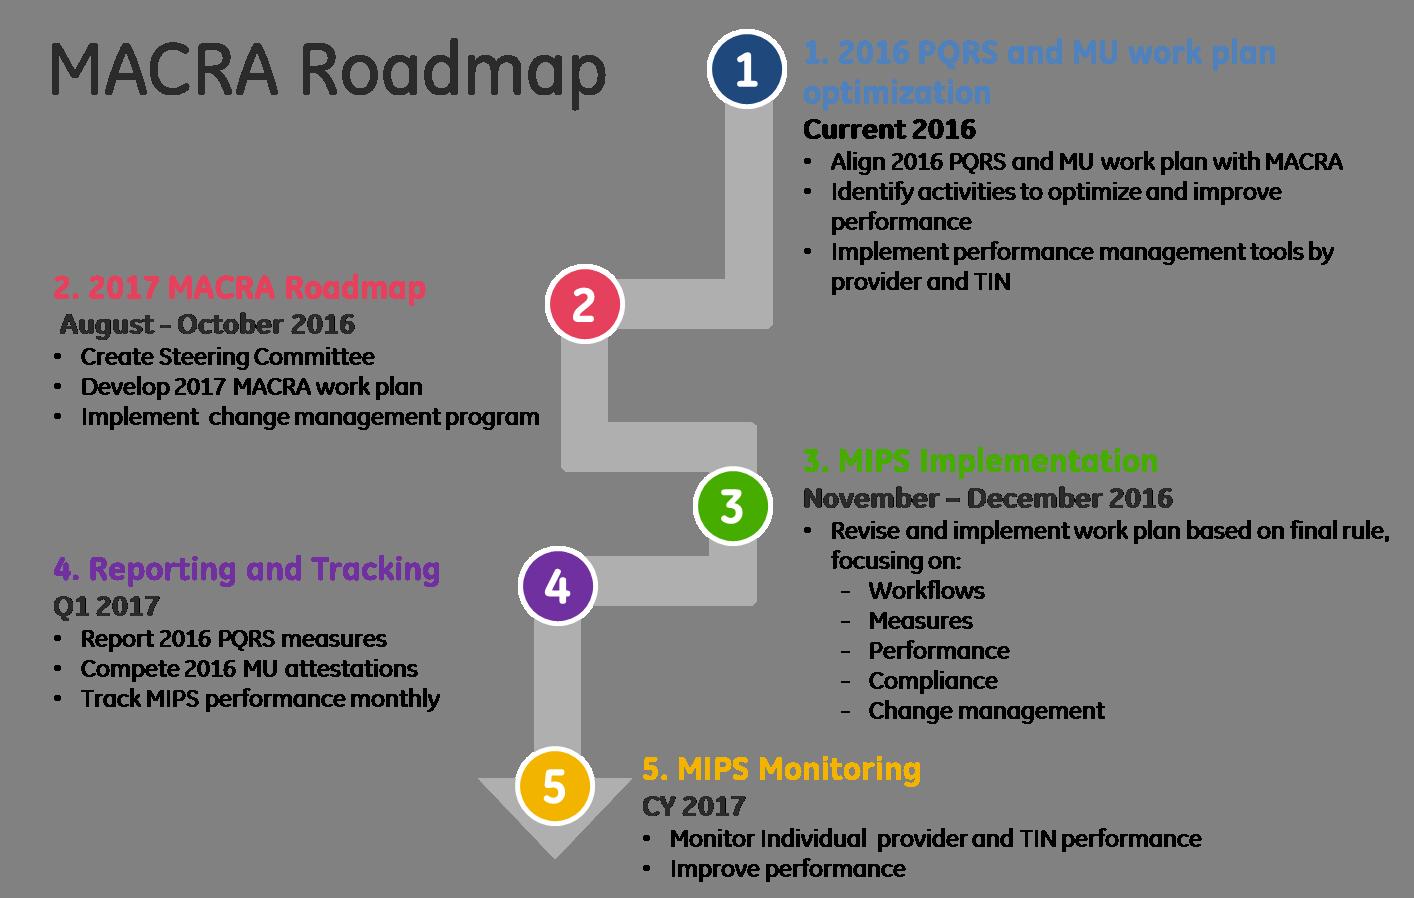 MACRA_Roadmap.png